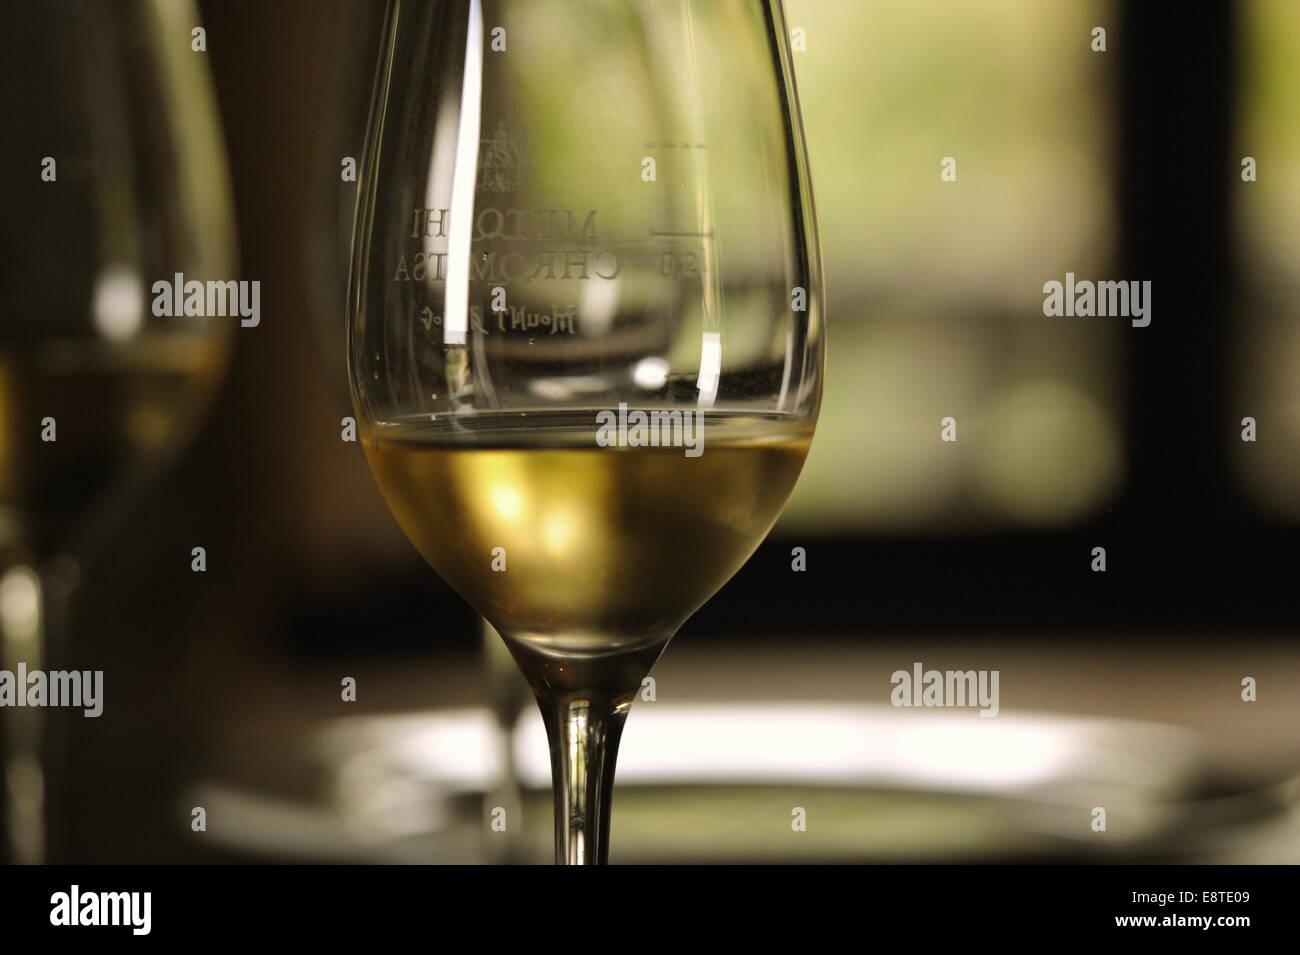 Weißwein mit Gedeck, Chalkidiki, Griechenland. - Stock Image